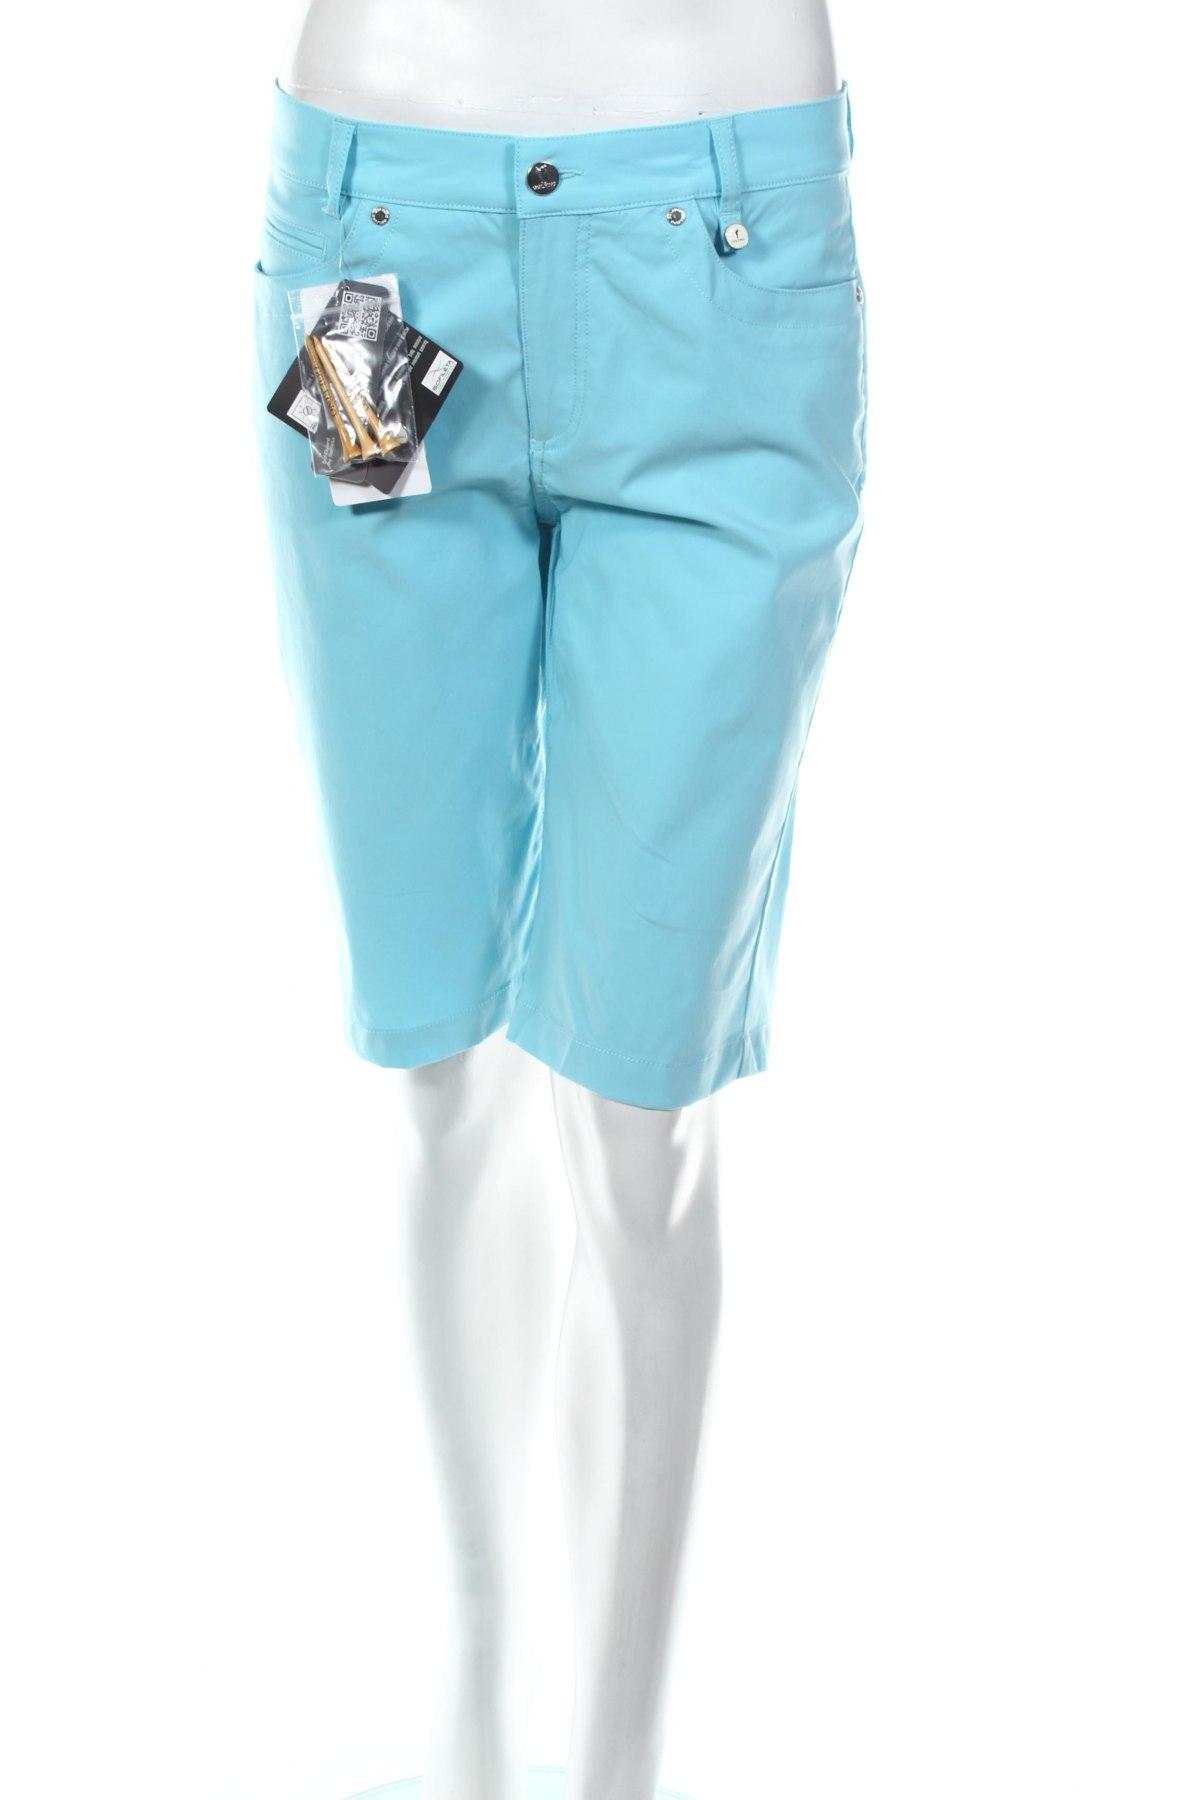 Γυναικείο κοντό παντελόνι Golfino, Μέγεθος M, Χρώμα Μπλέ, 94% πολυαμίδη, 6% ελαστάνη, Τιμή 16,08€